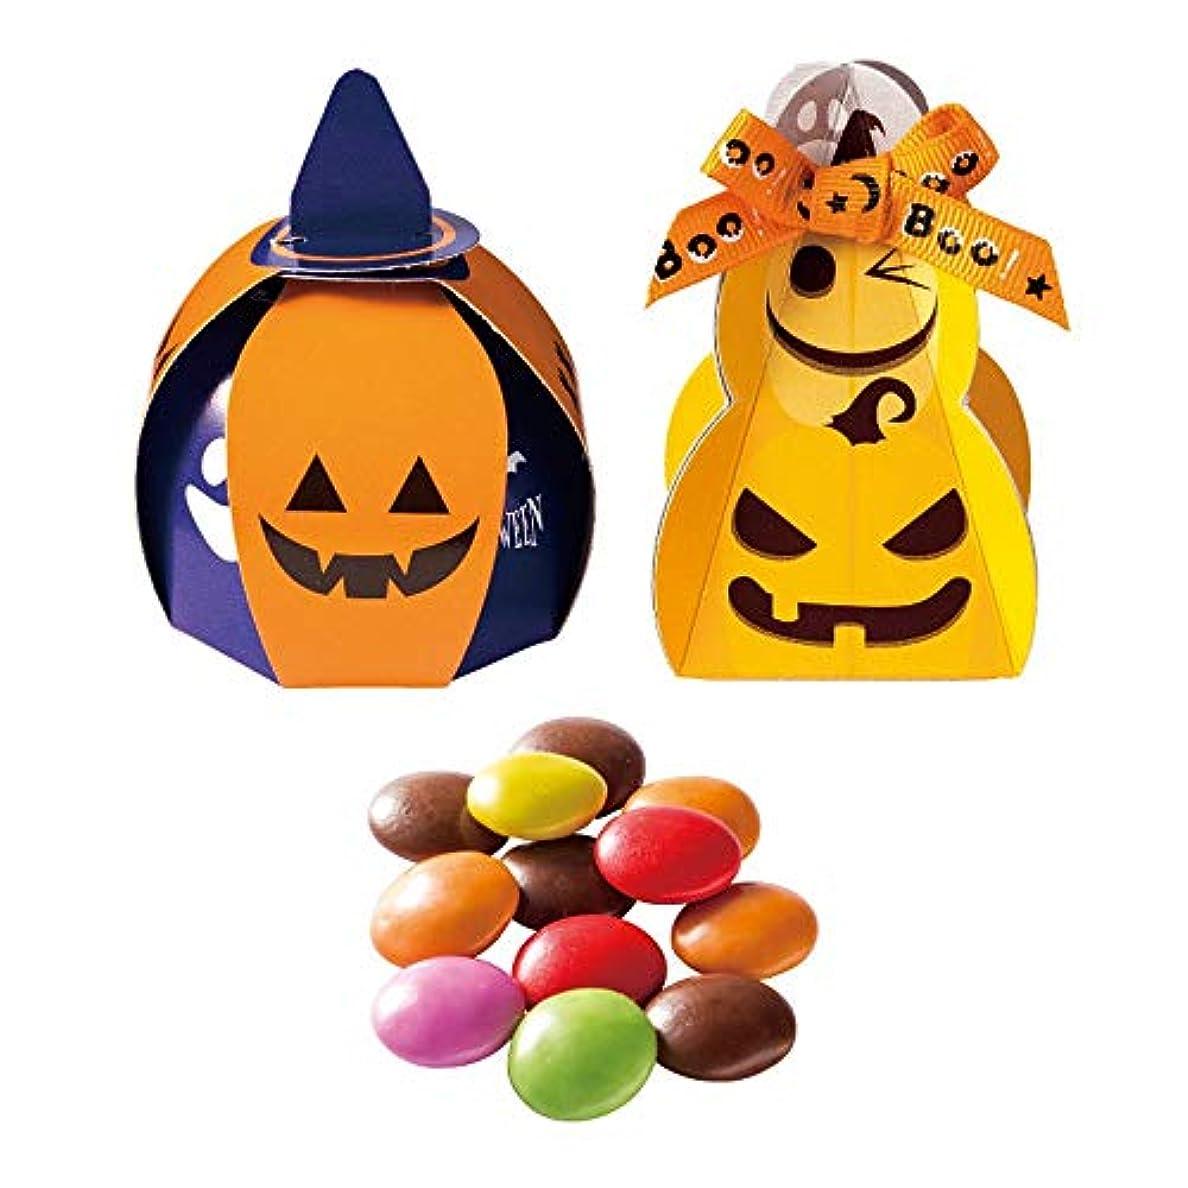 エンジン一貫したキャロラインハロウィンのかぼちゃ馬車2種アソート (10個セット)お菓子 プチギフト パーティー イベント 販促品 マーブルチョコ ばらまき【その他数量セットあり】